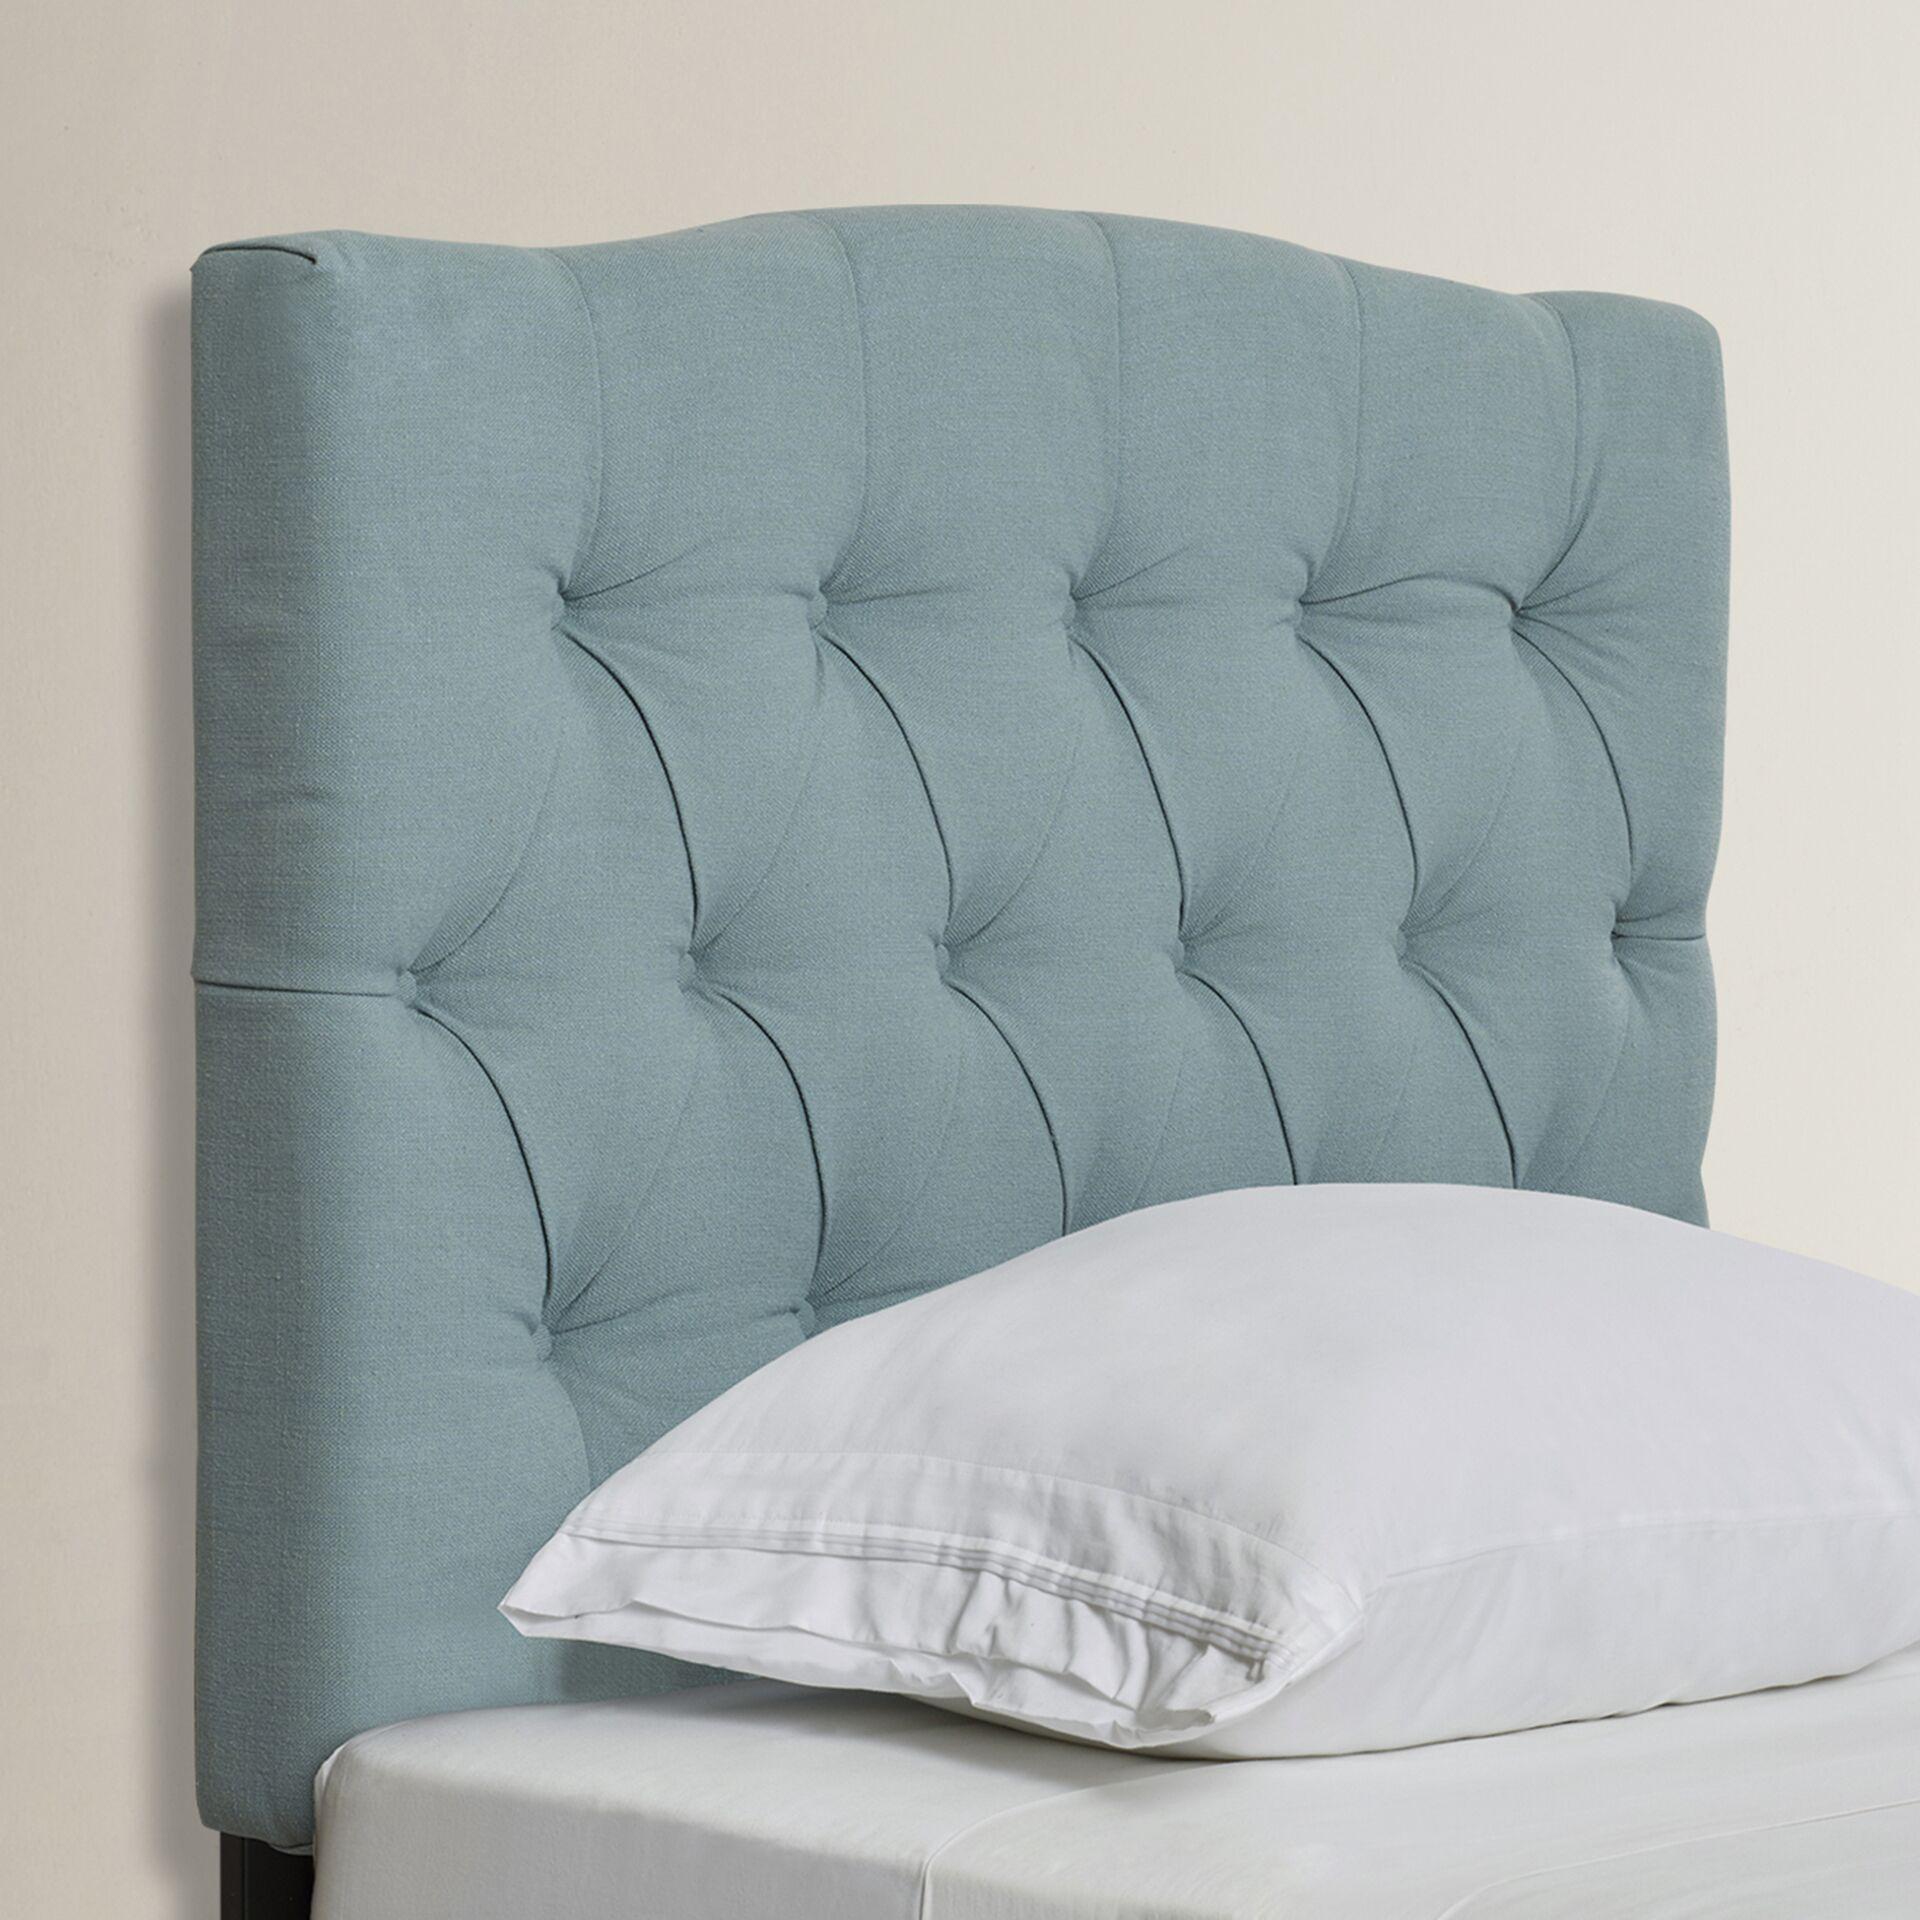 Ellecourt Upholstered Panel Headboard Size: Full, Upholstery: Polyester Sky Blue